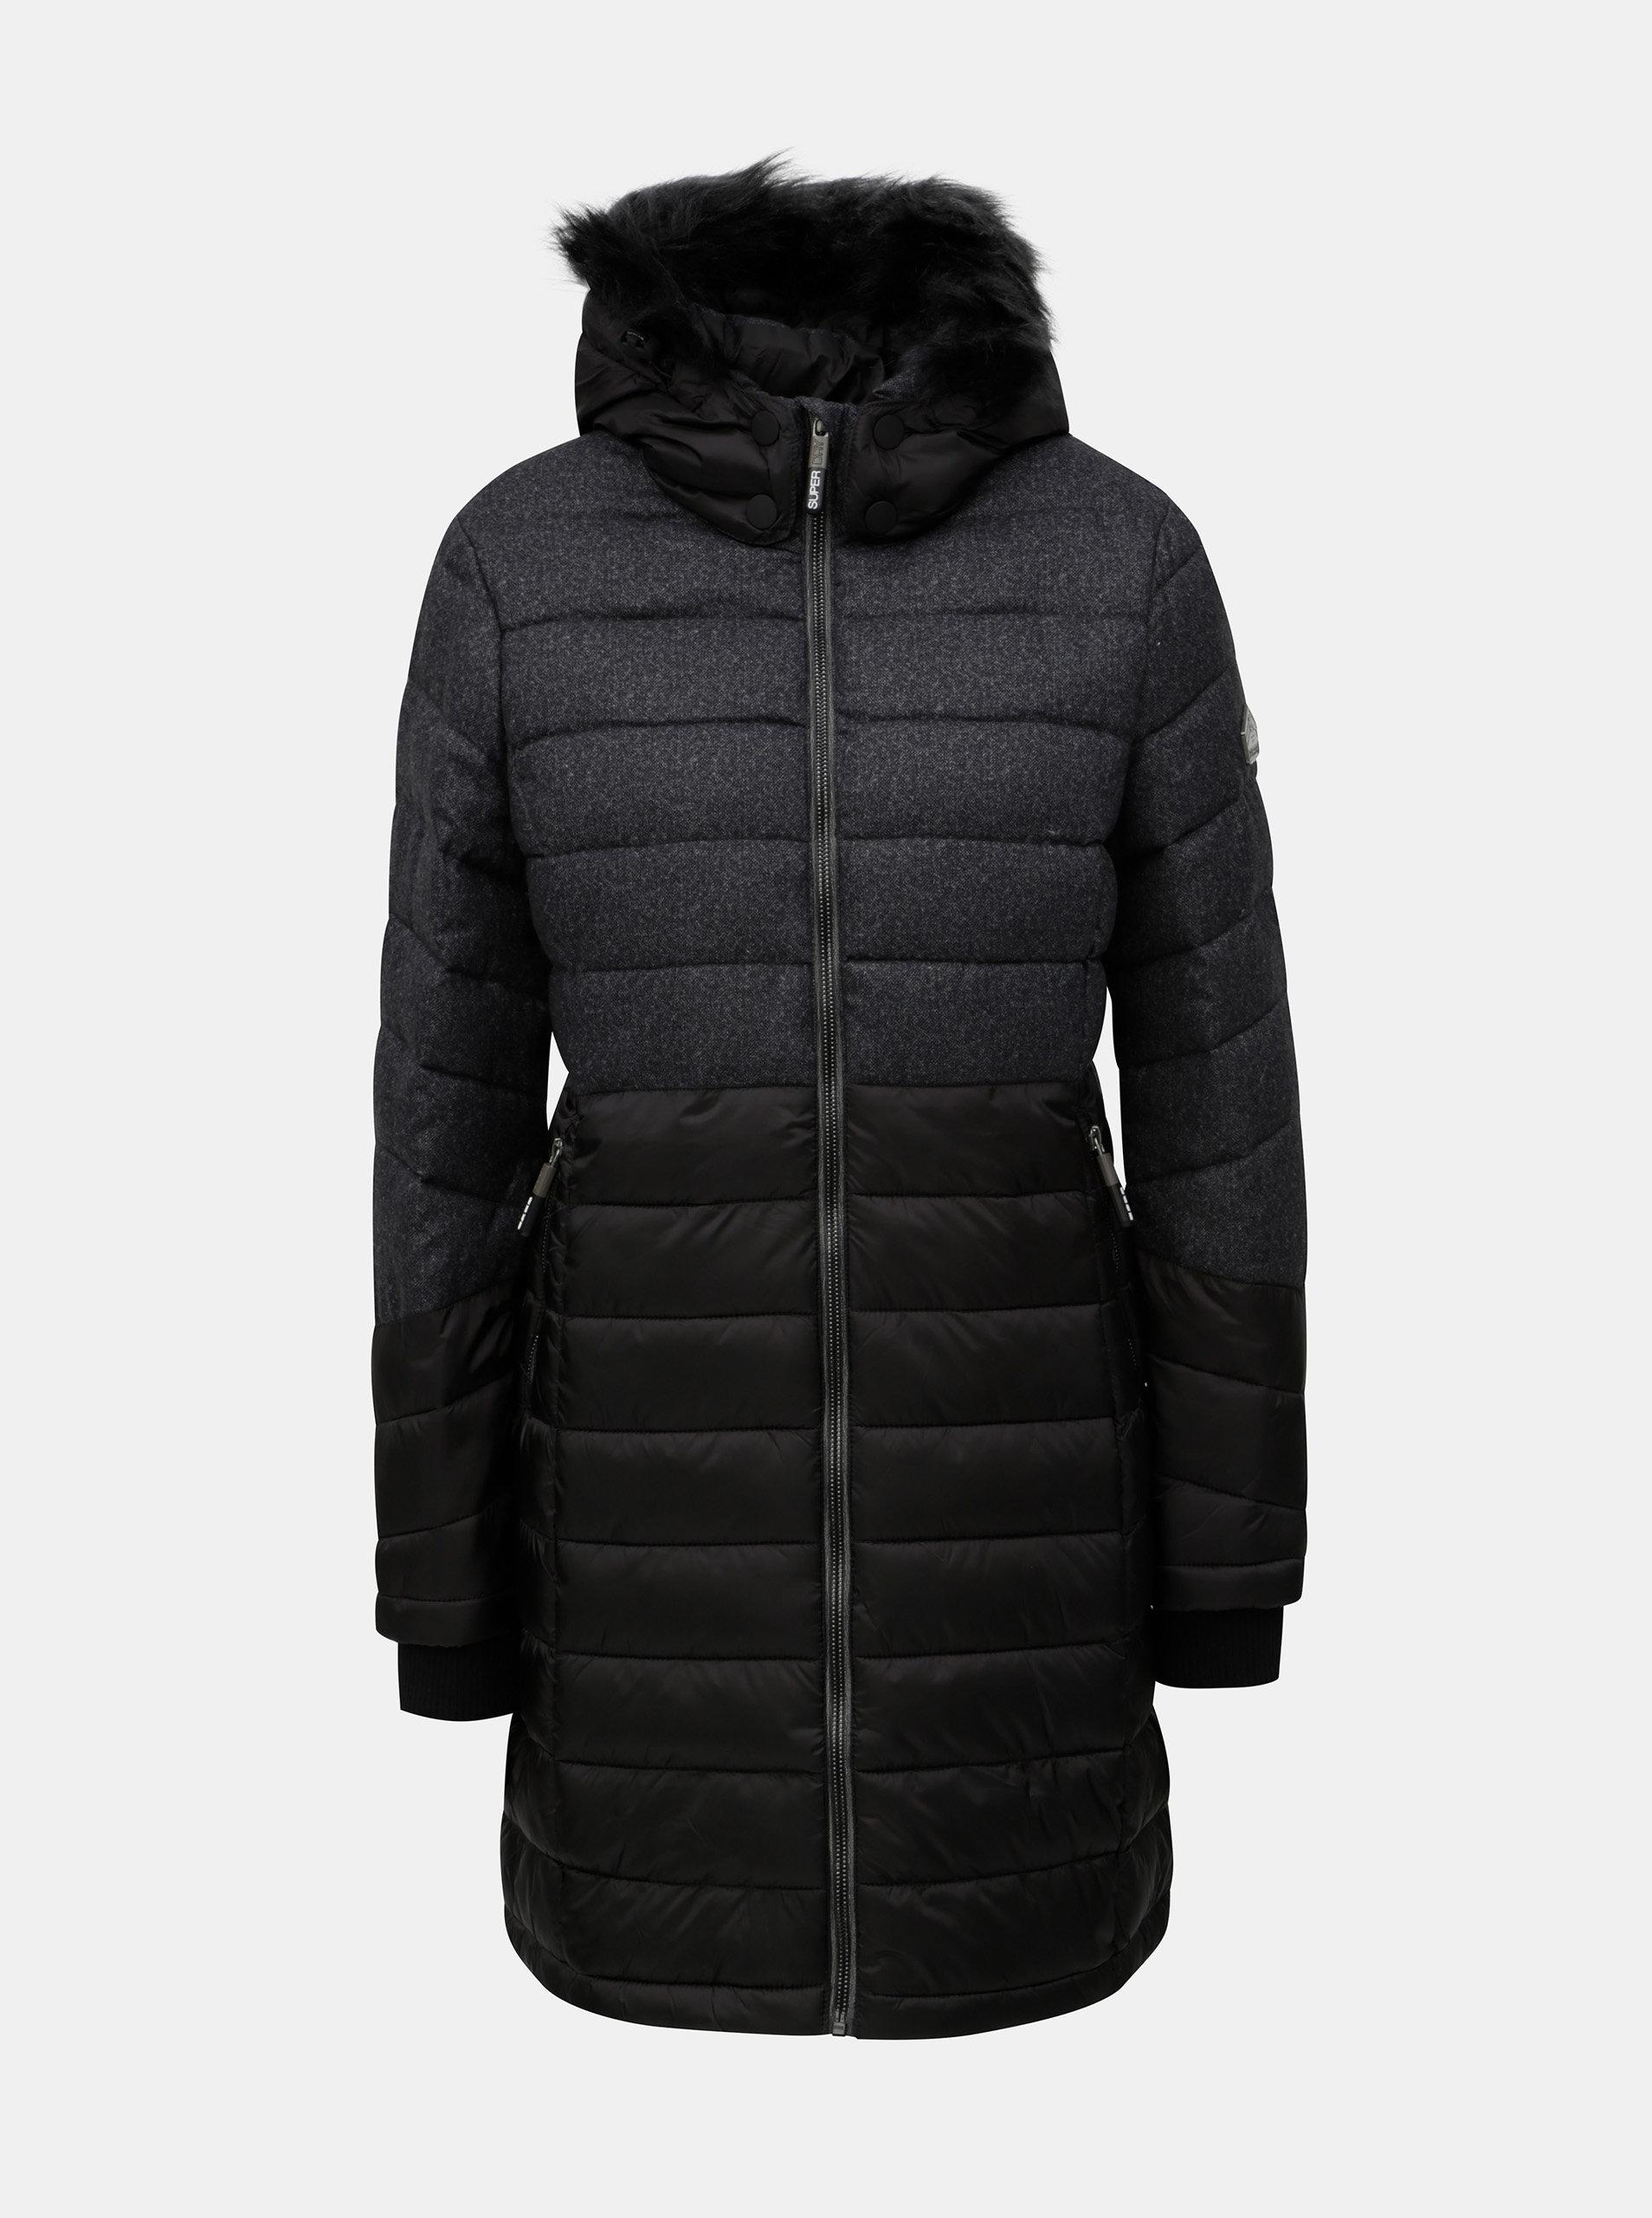 b0fea22f516 Šedo-černý dámský kabát s kapucí a umělým kožíškem Superdry ...